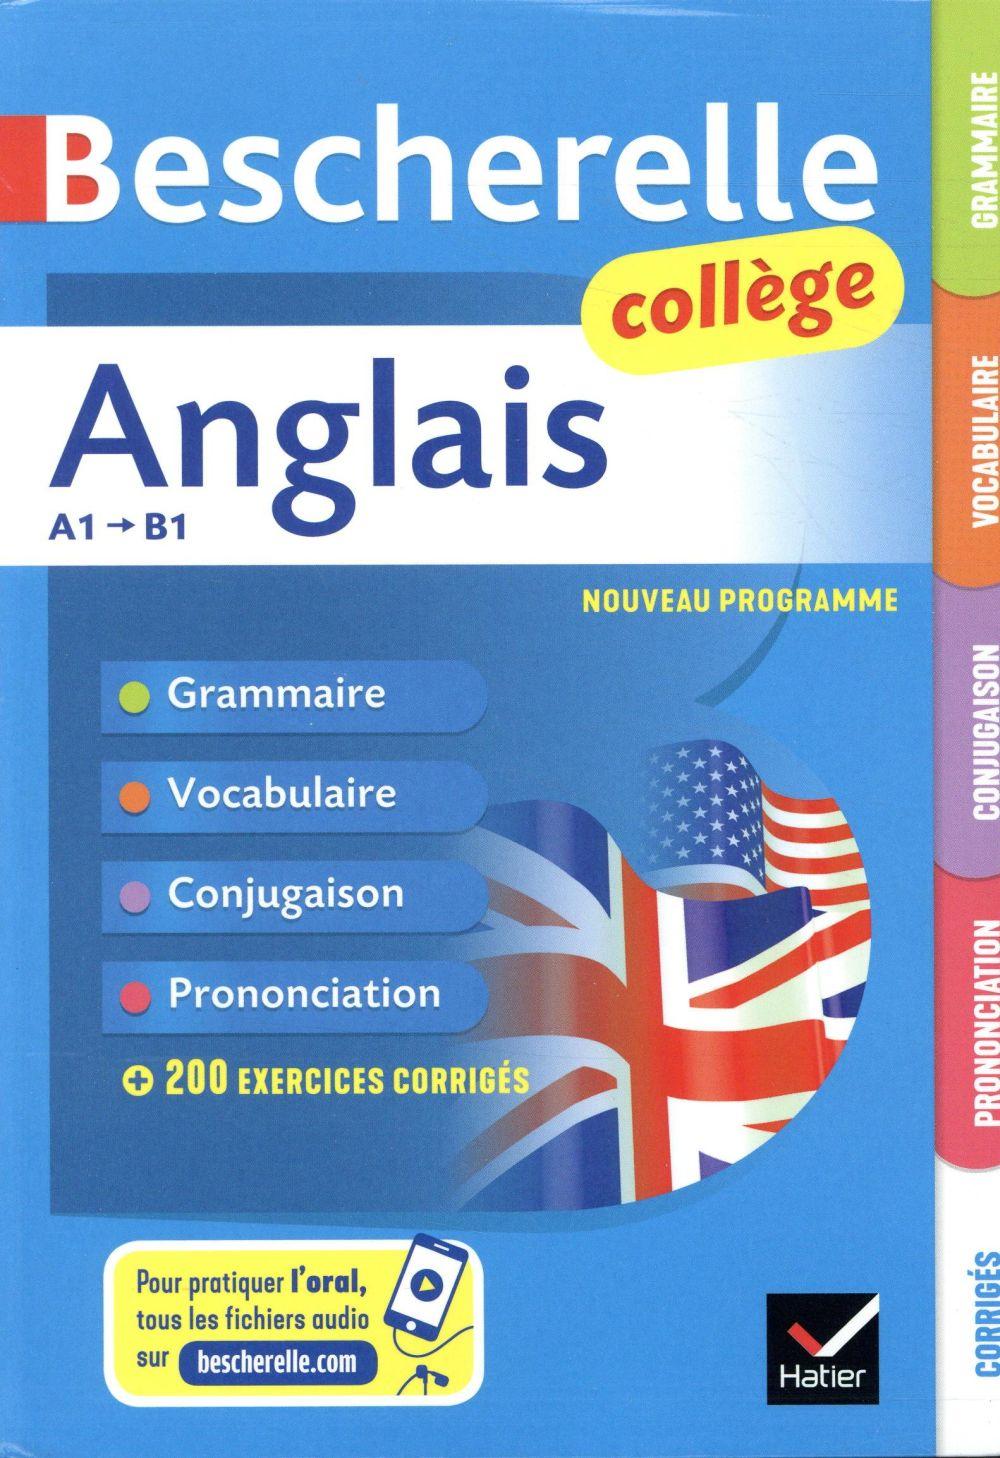 BESCHERELLE ANGLAIS COLLEGE - GRAMMAIRE, CONJUGAISON, VOCABULAIRE, PRONONCIATION (A1-B1)